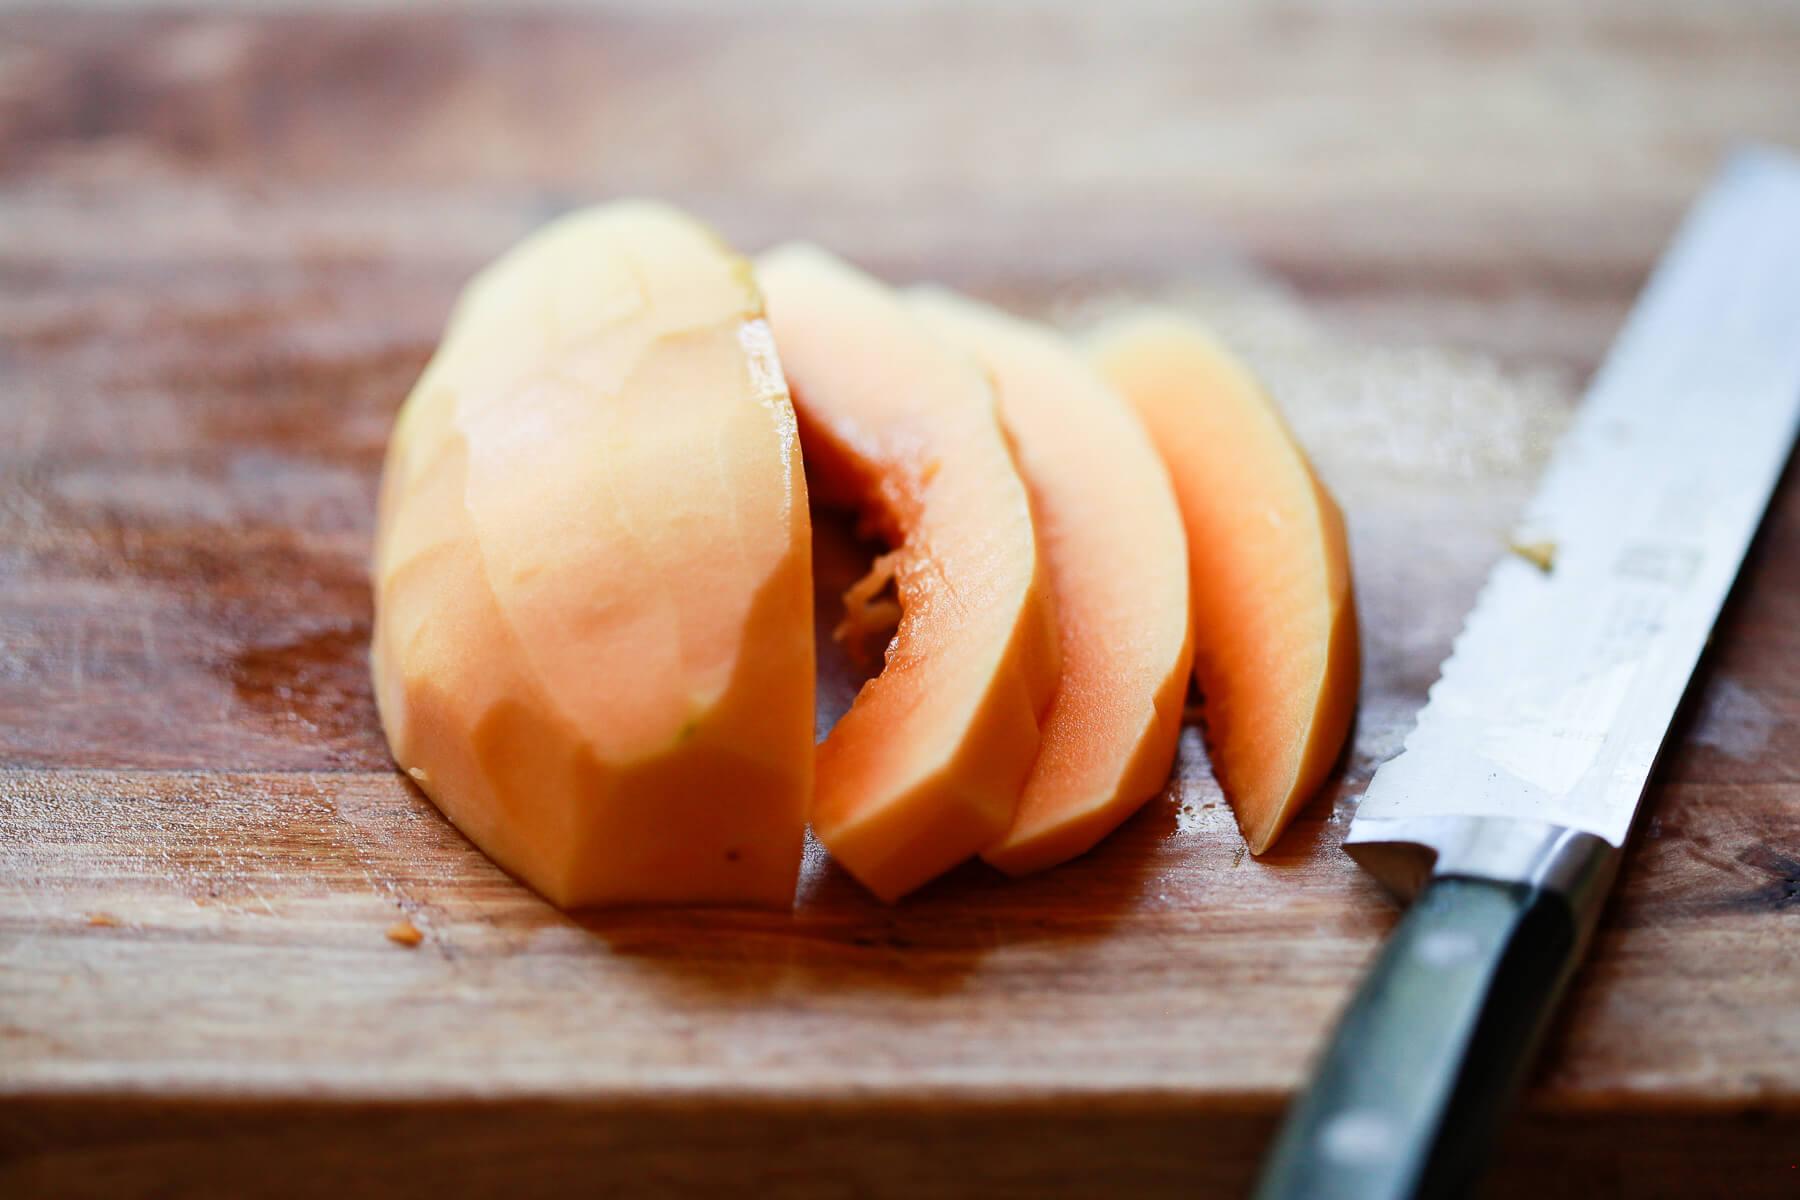 Hawaiian papaya has been peeled and cut into slices on a cutting board.